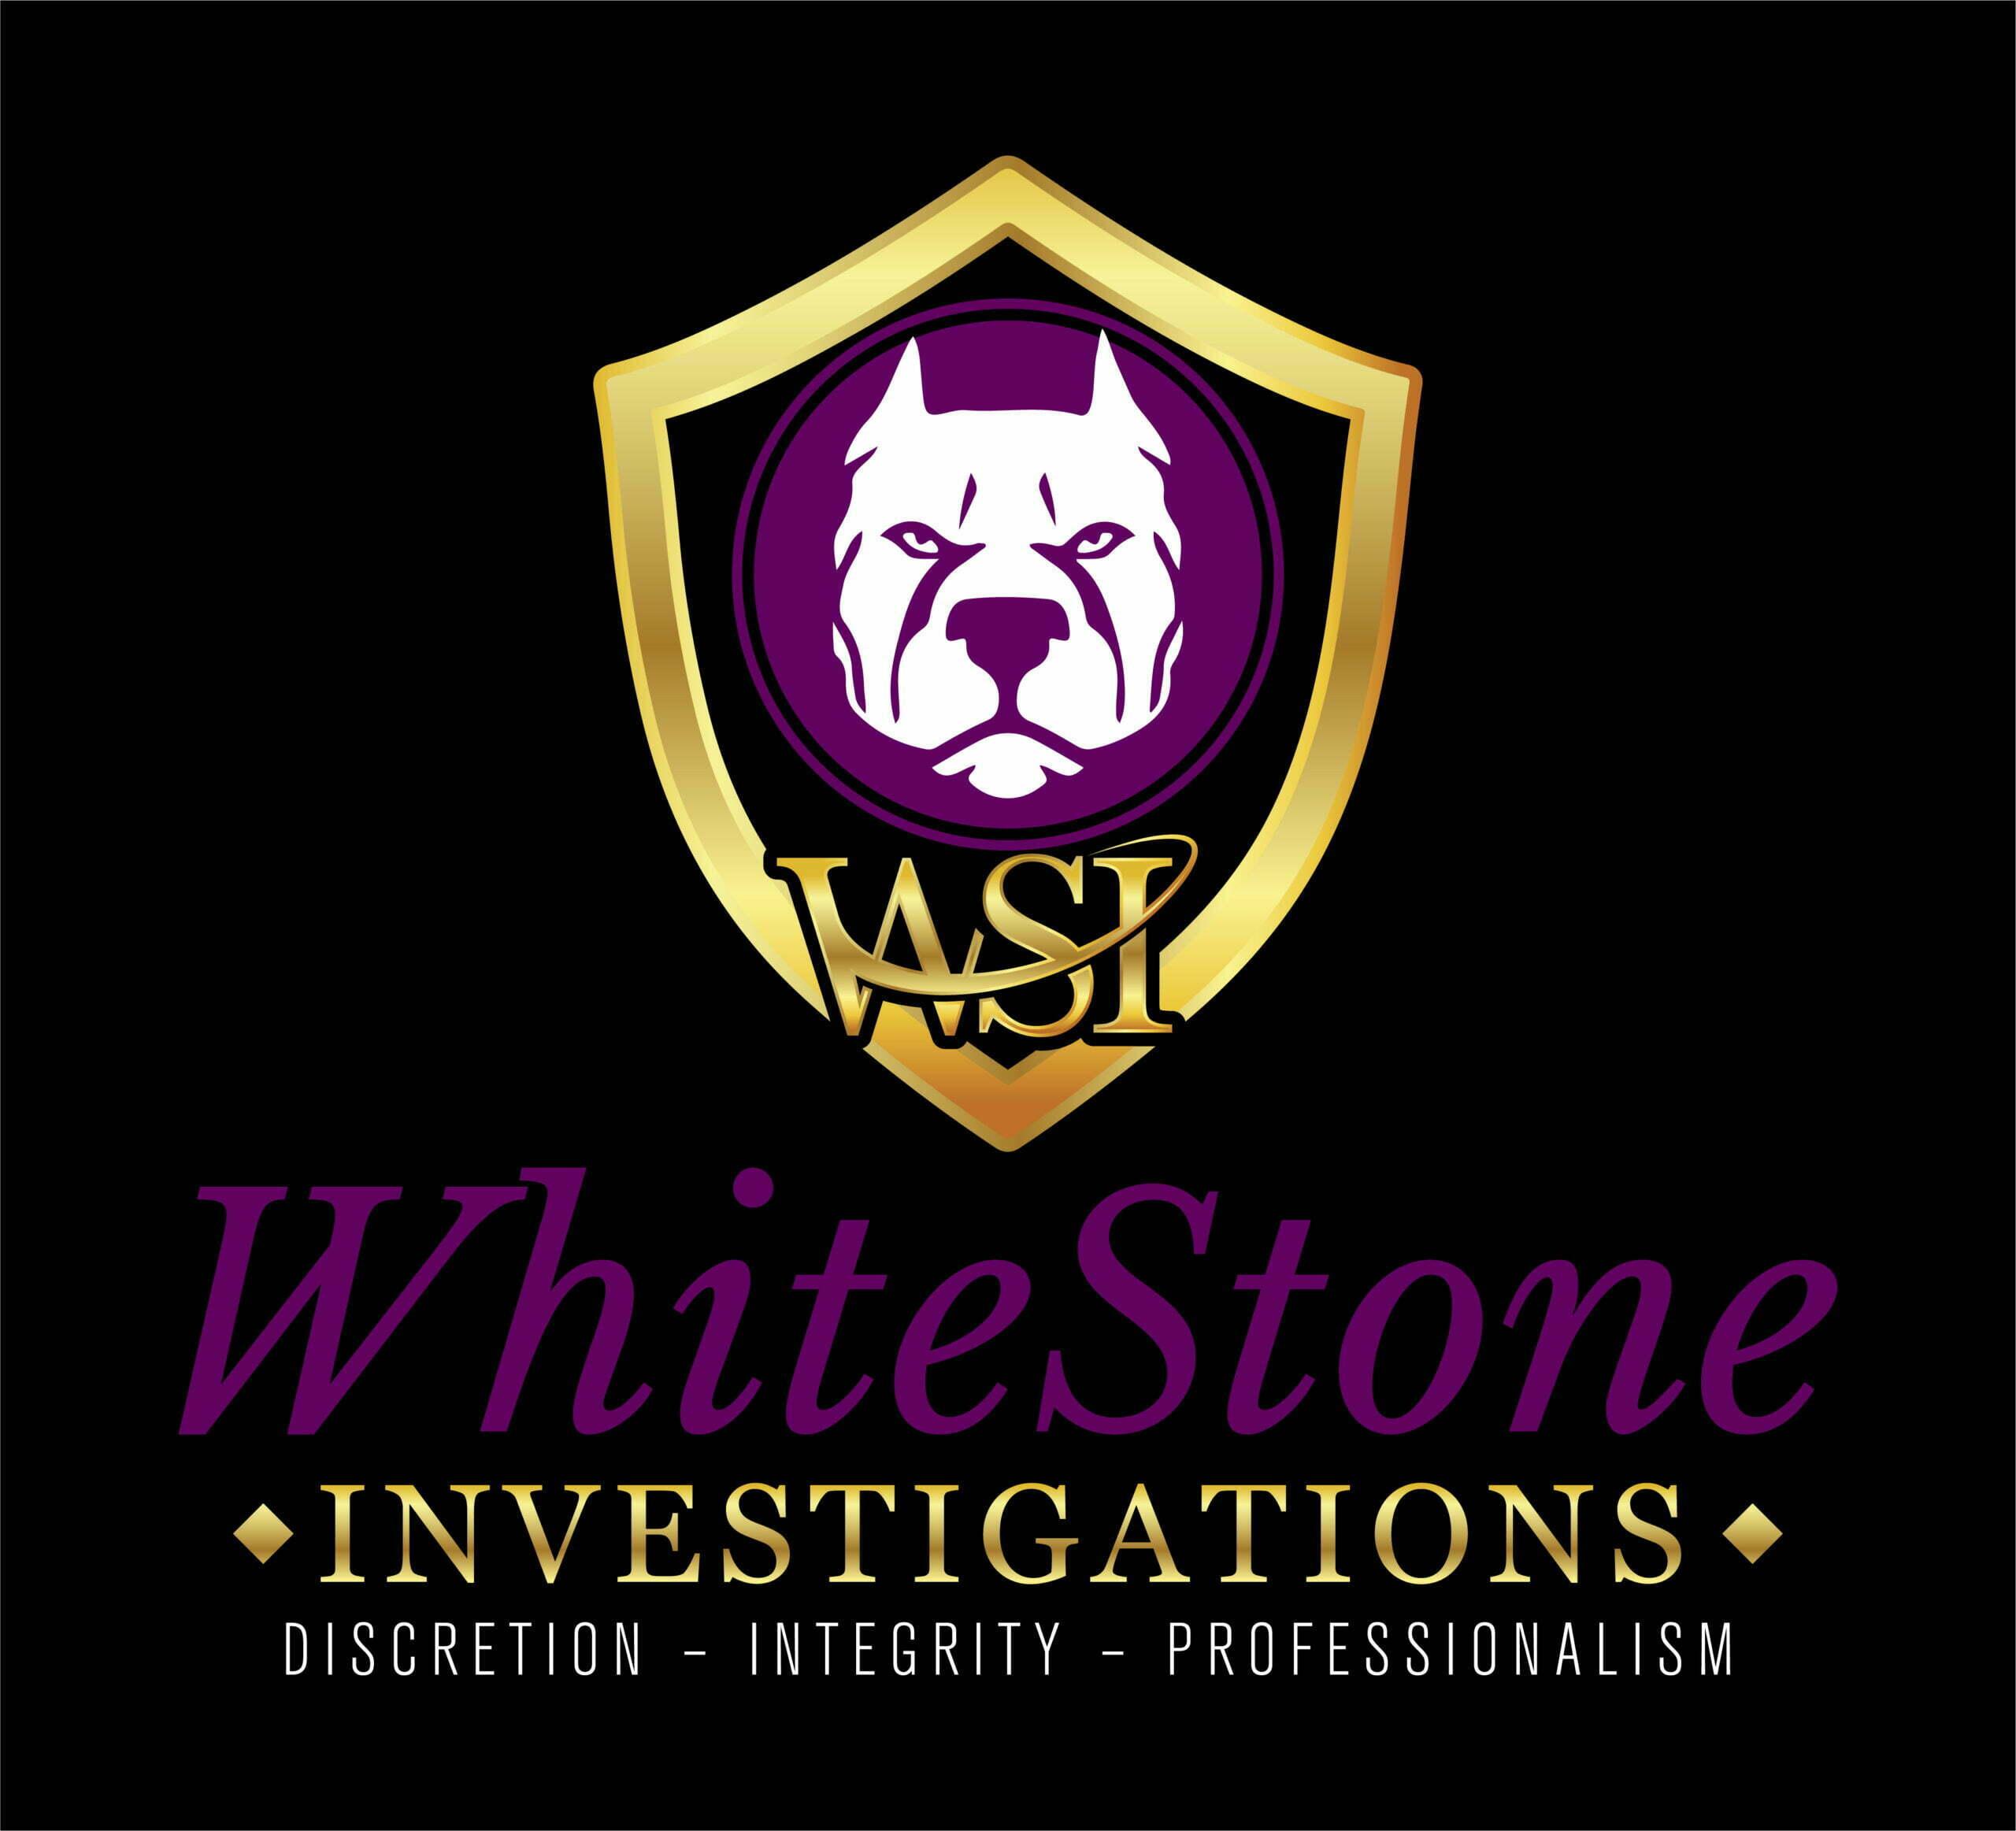 WhiteStone Investigations